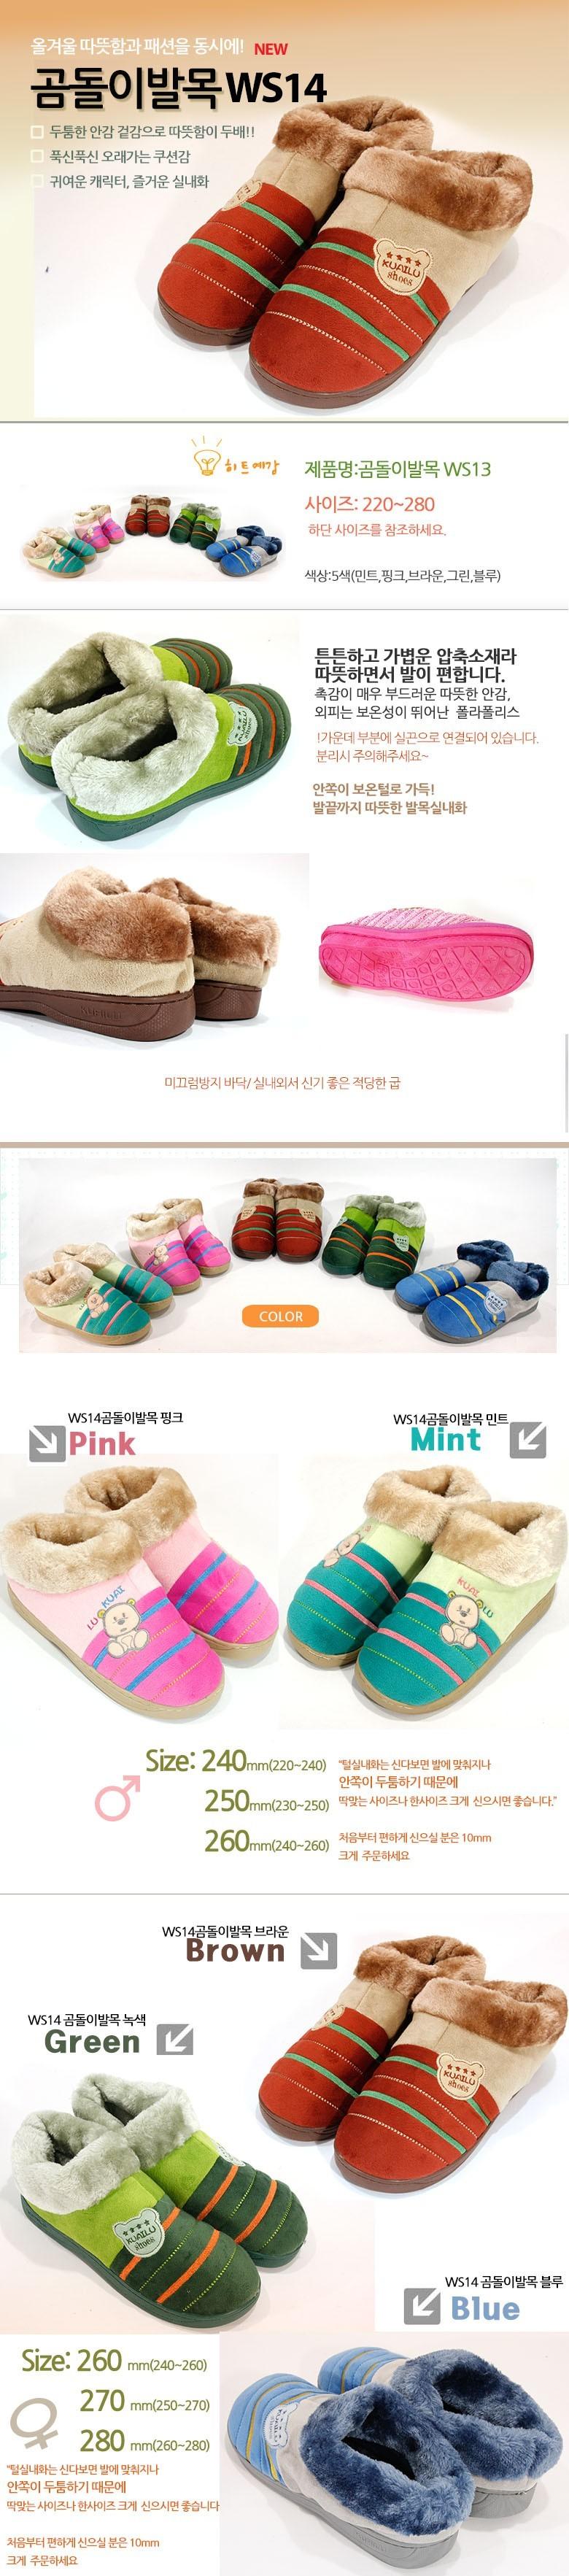 지금 추위에 딱 팔기 좋은... (고 퀄러티) 따뜻한 신발형 야무진 슬리퍼 4900원